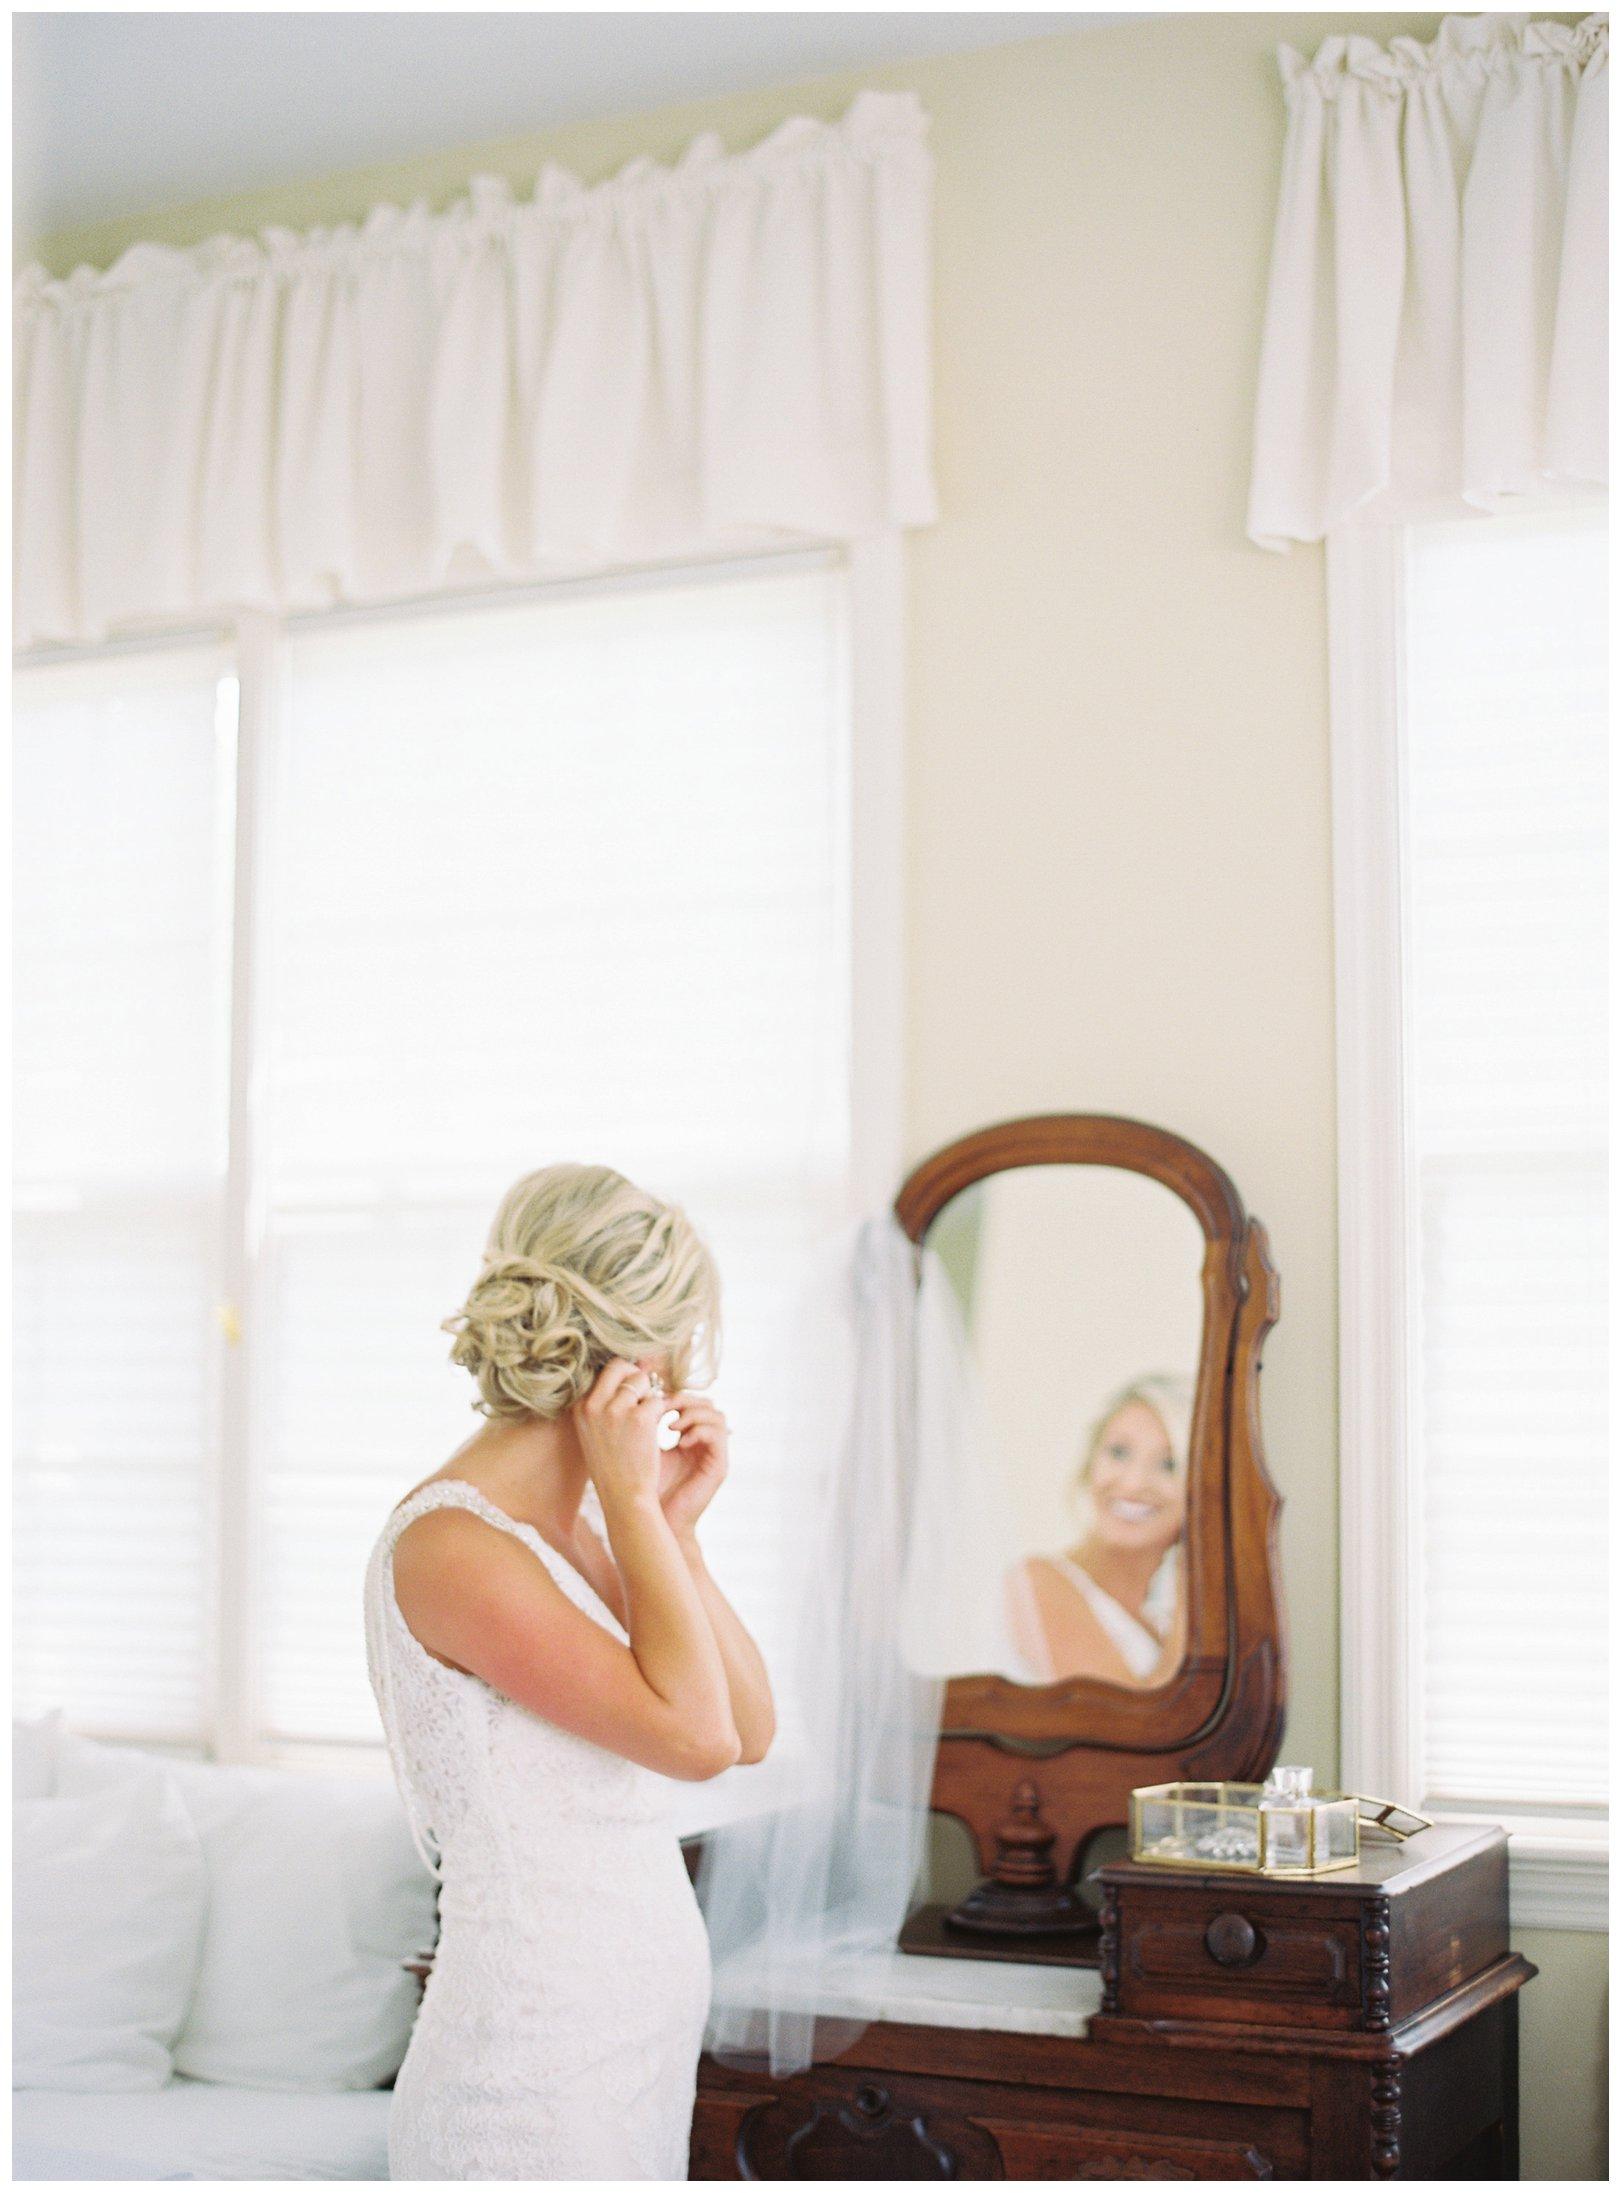 lauren muckler photography_fine art film wedding photography_st louis_photography_2361.jpg